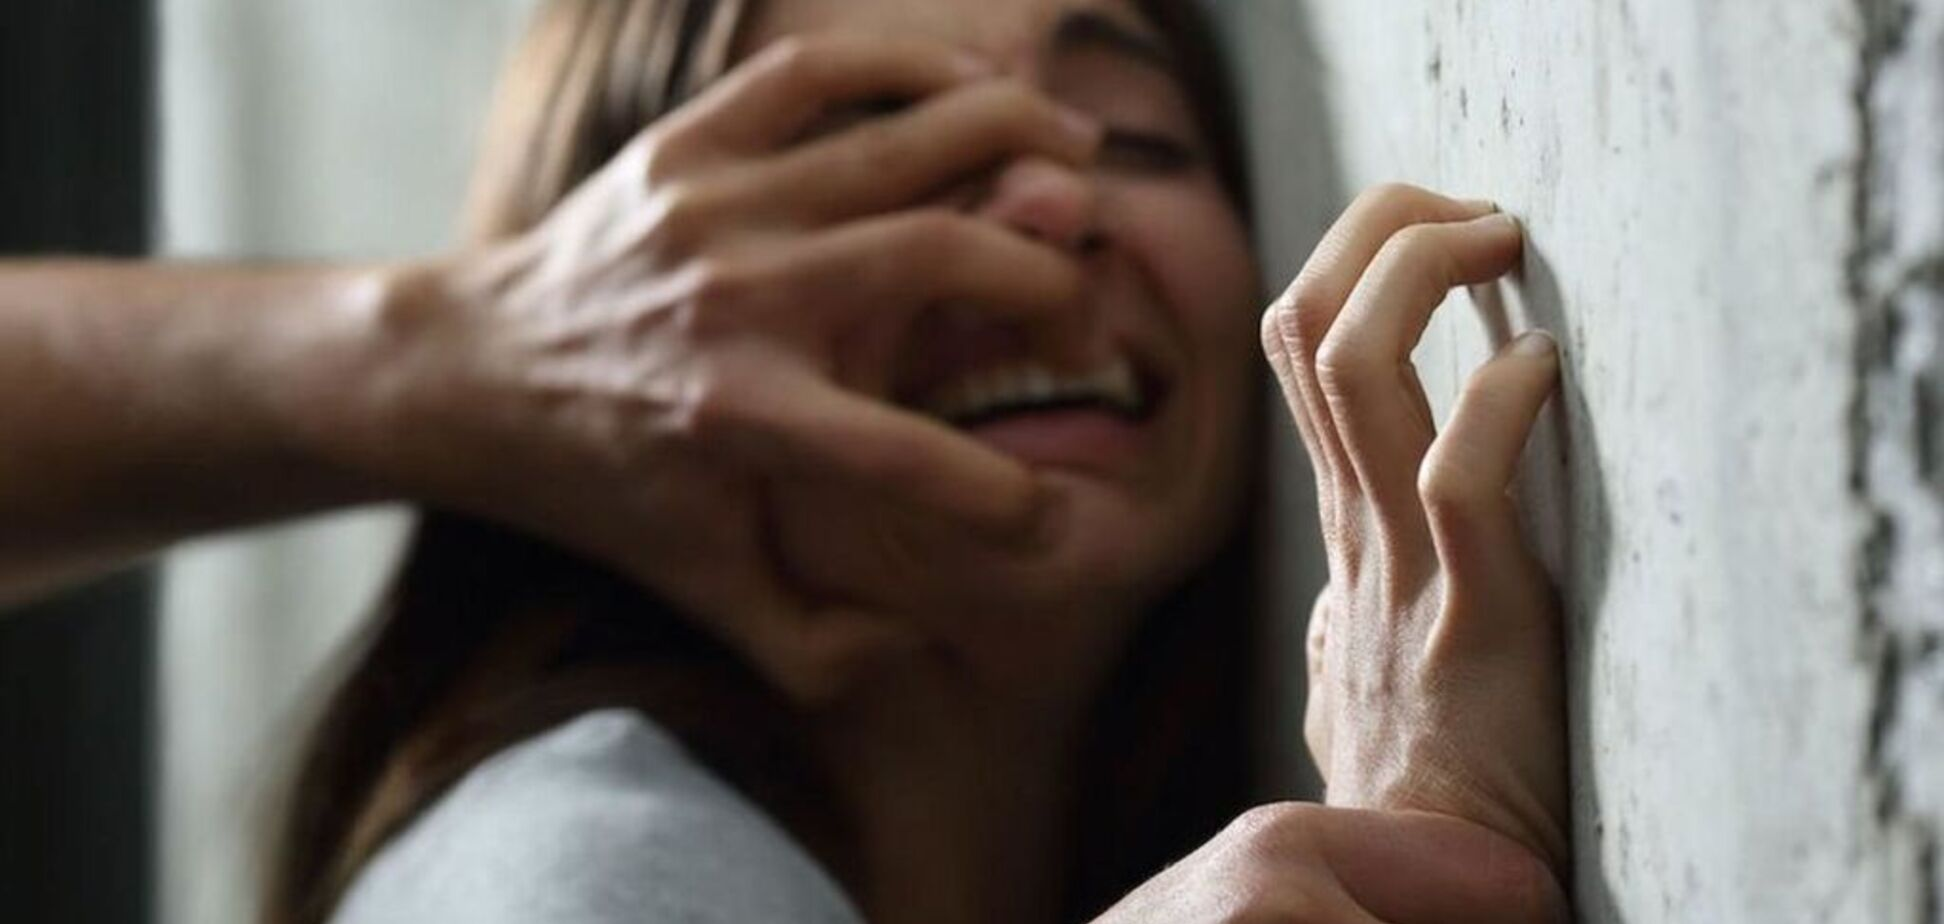 Розпоров пах: під Харковом чоловік жорстко помстився ґвалтівнику своєї дружини